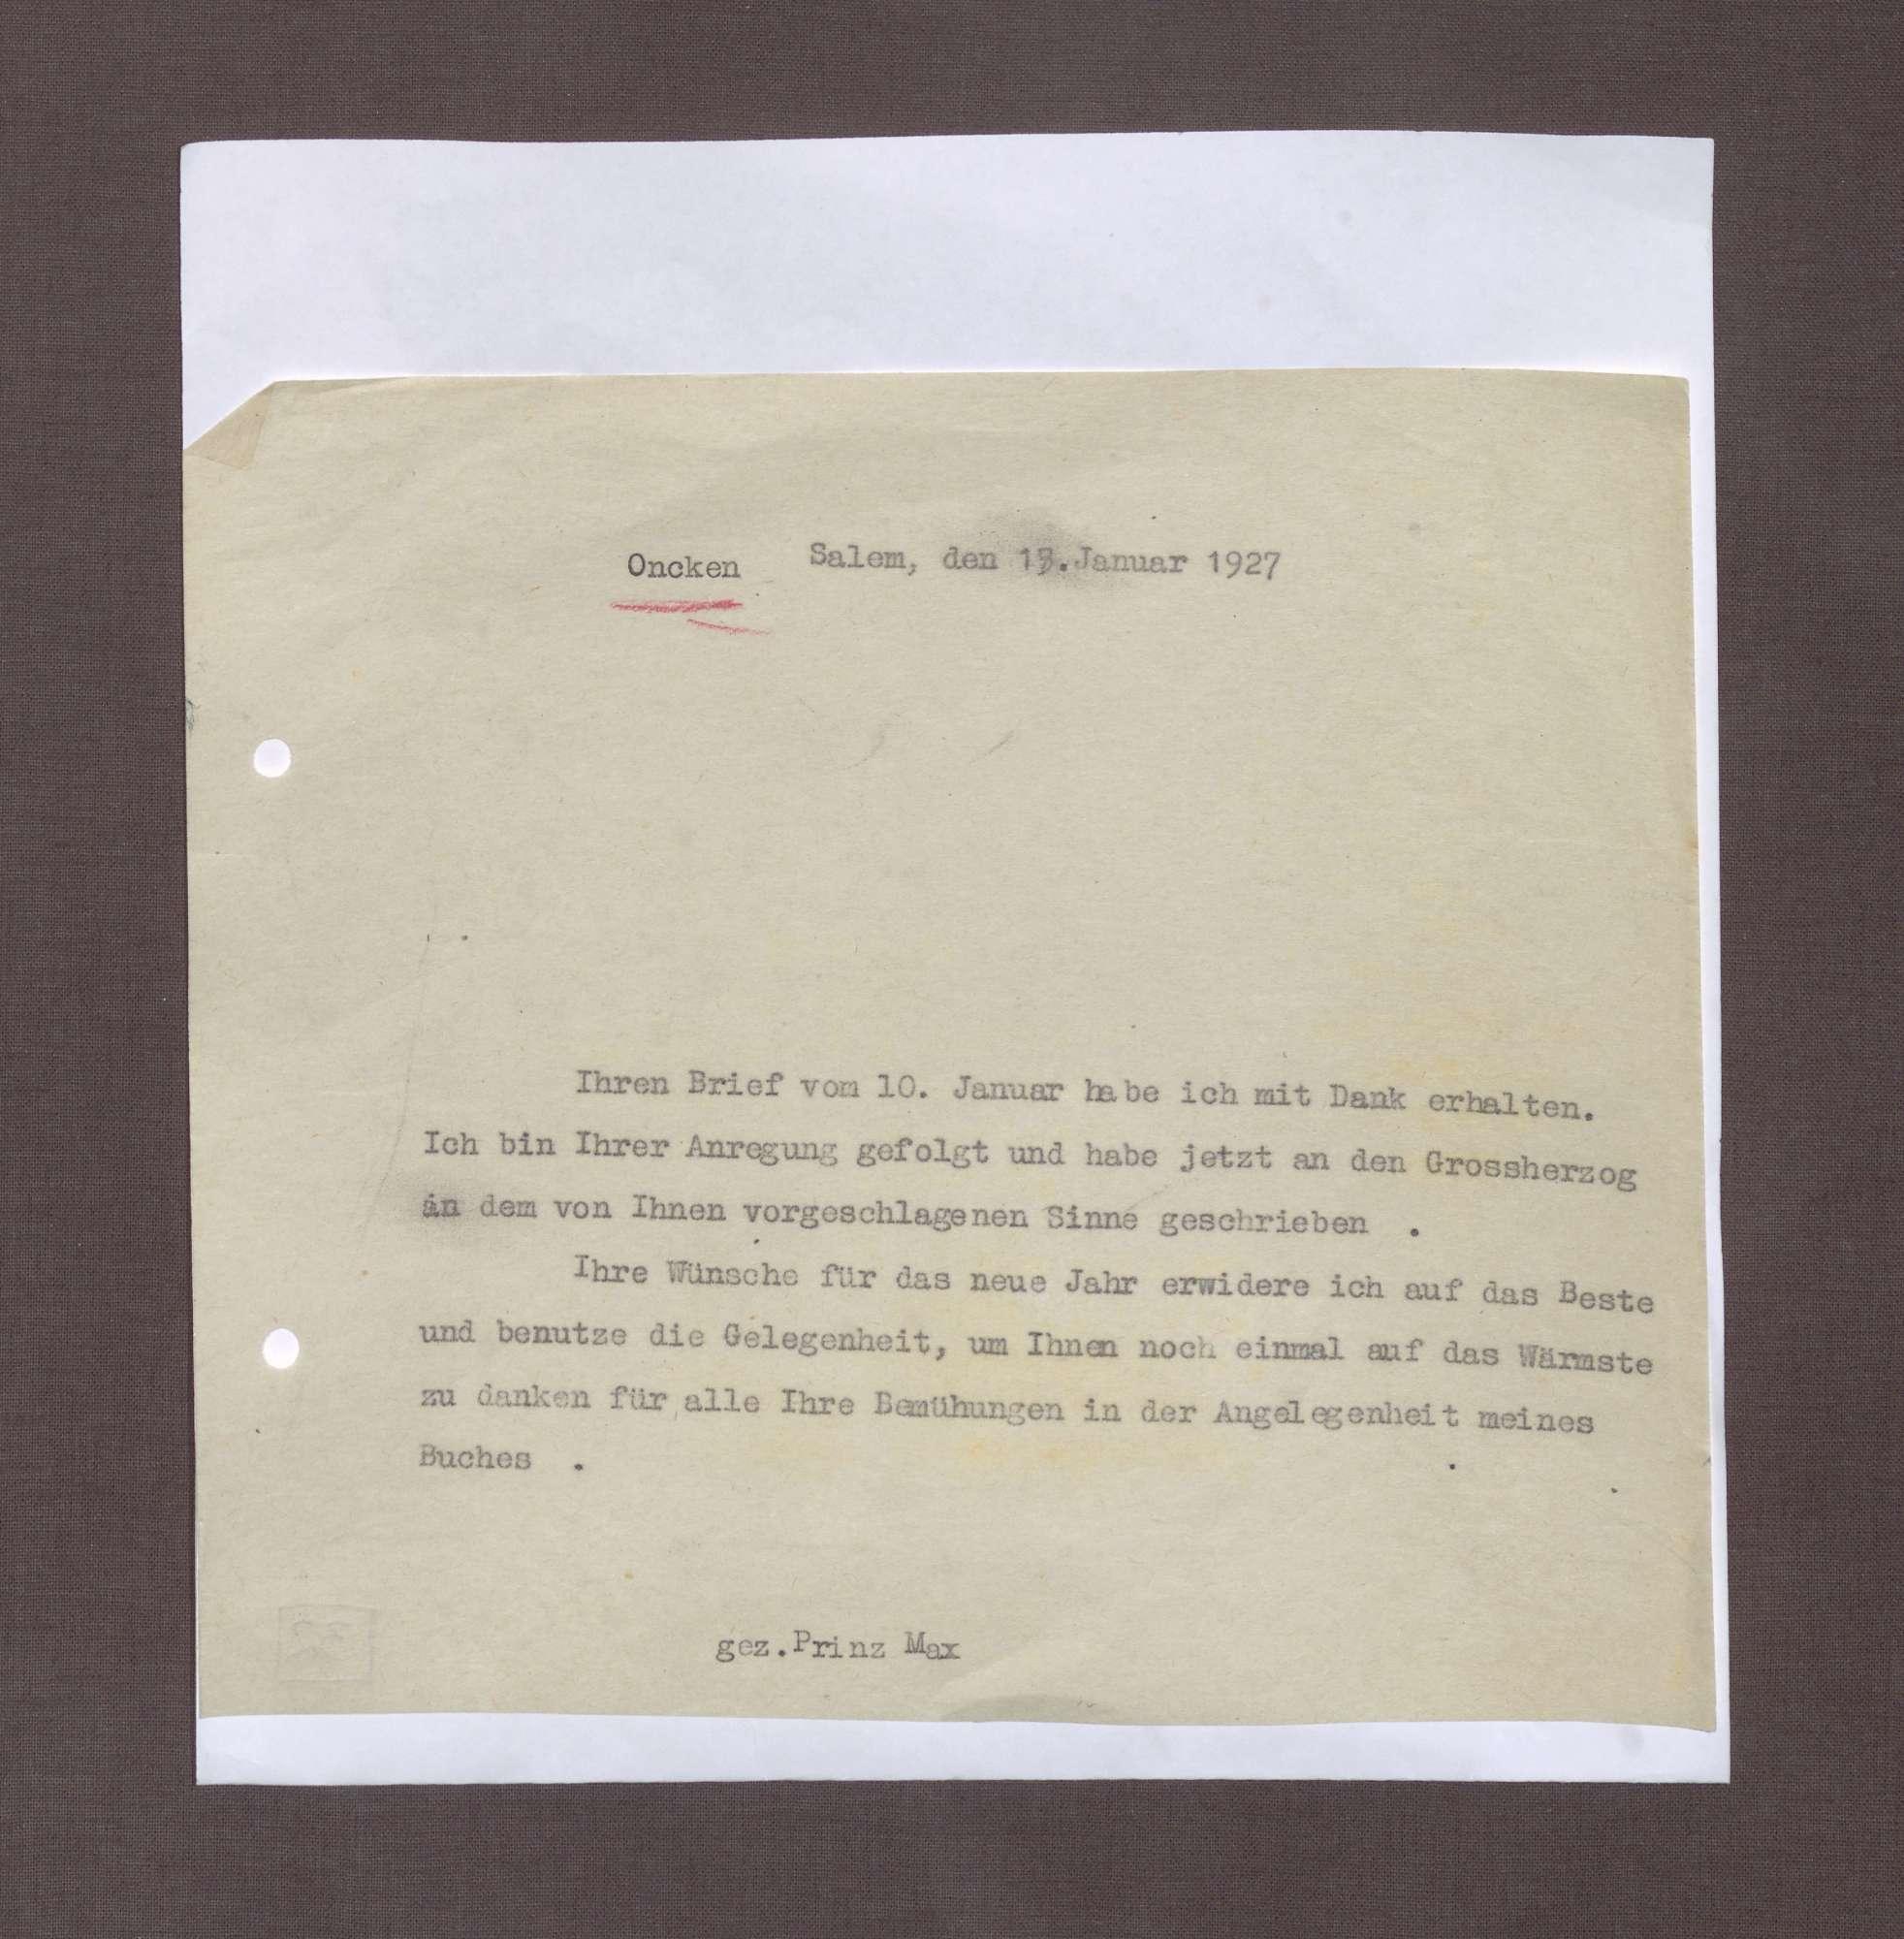 Schreiben von Prinz Max von Baden an Hermann Oncken; Dank für das Schreiben vom 10. Januar 1927 und Schreiben an Großherzog Friedrich II., Bild 1